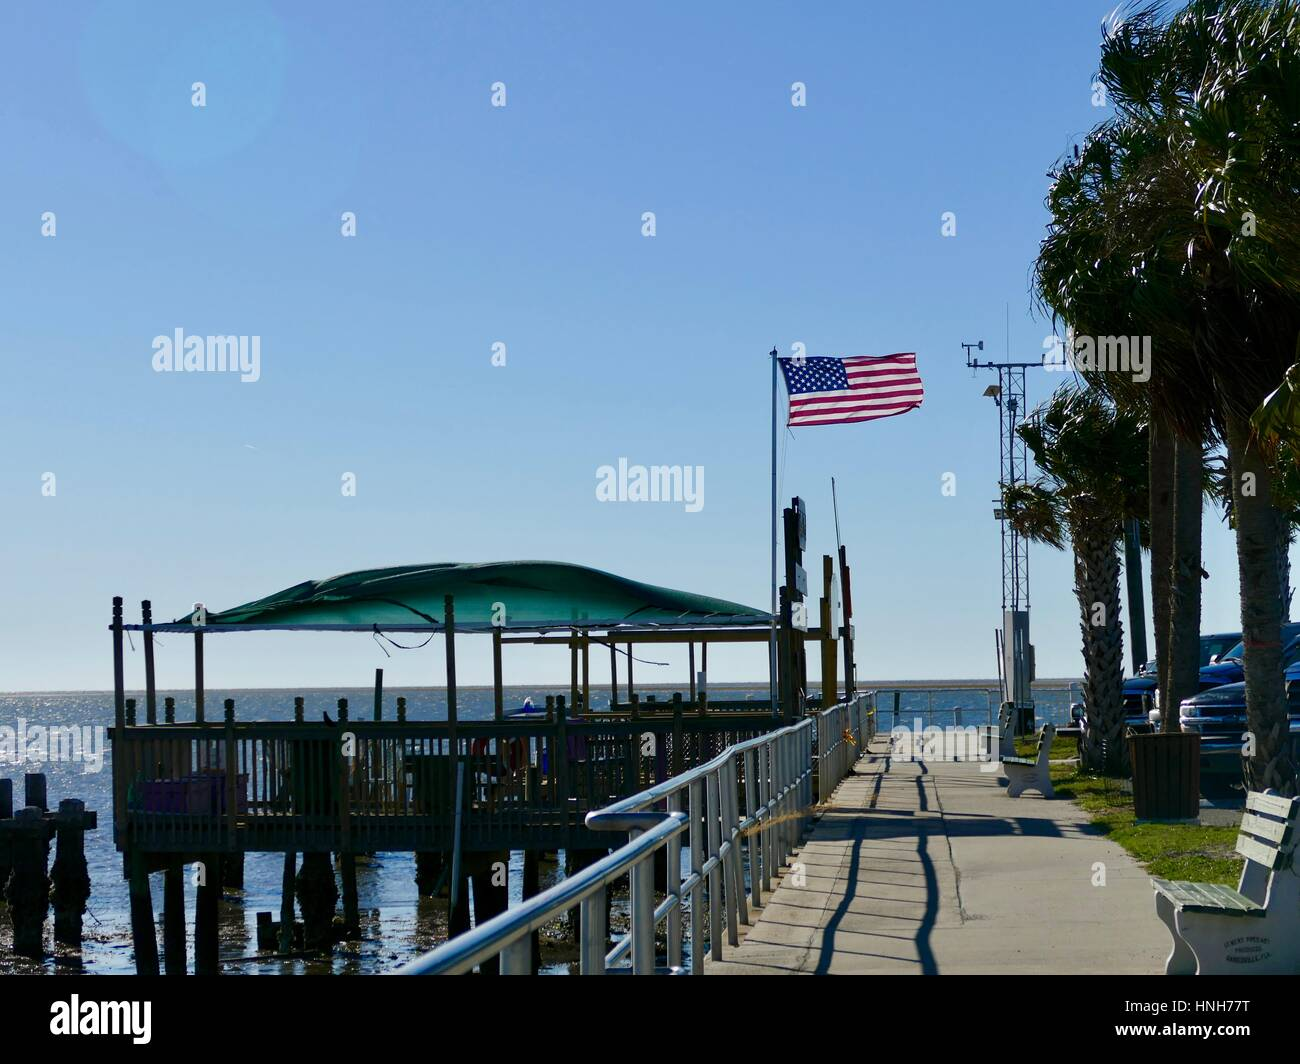 Bandiera americana sui bacini che soffia in una brezza leggera, Cedar Key, Florida, Stati Uniti d'America Foto Stock